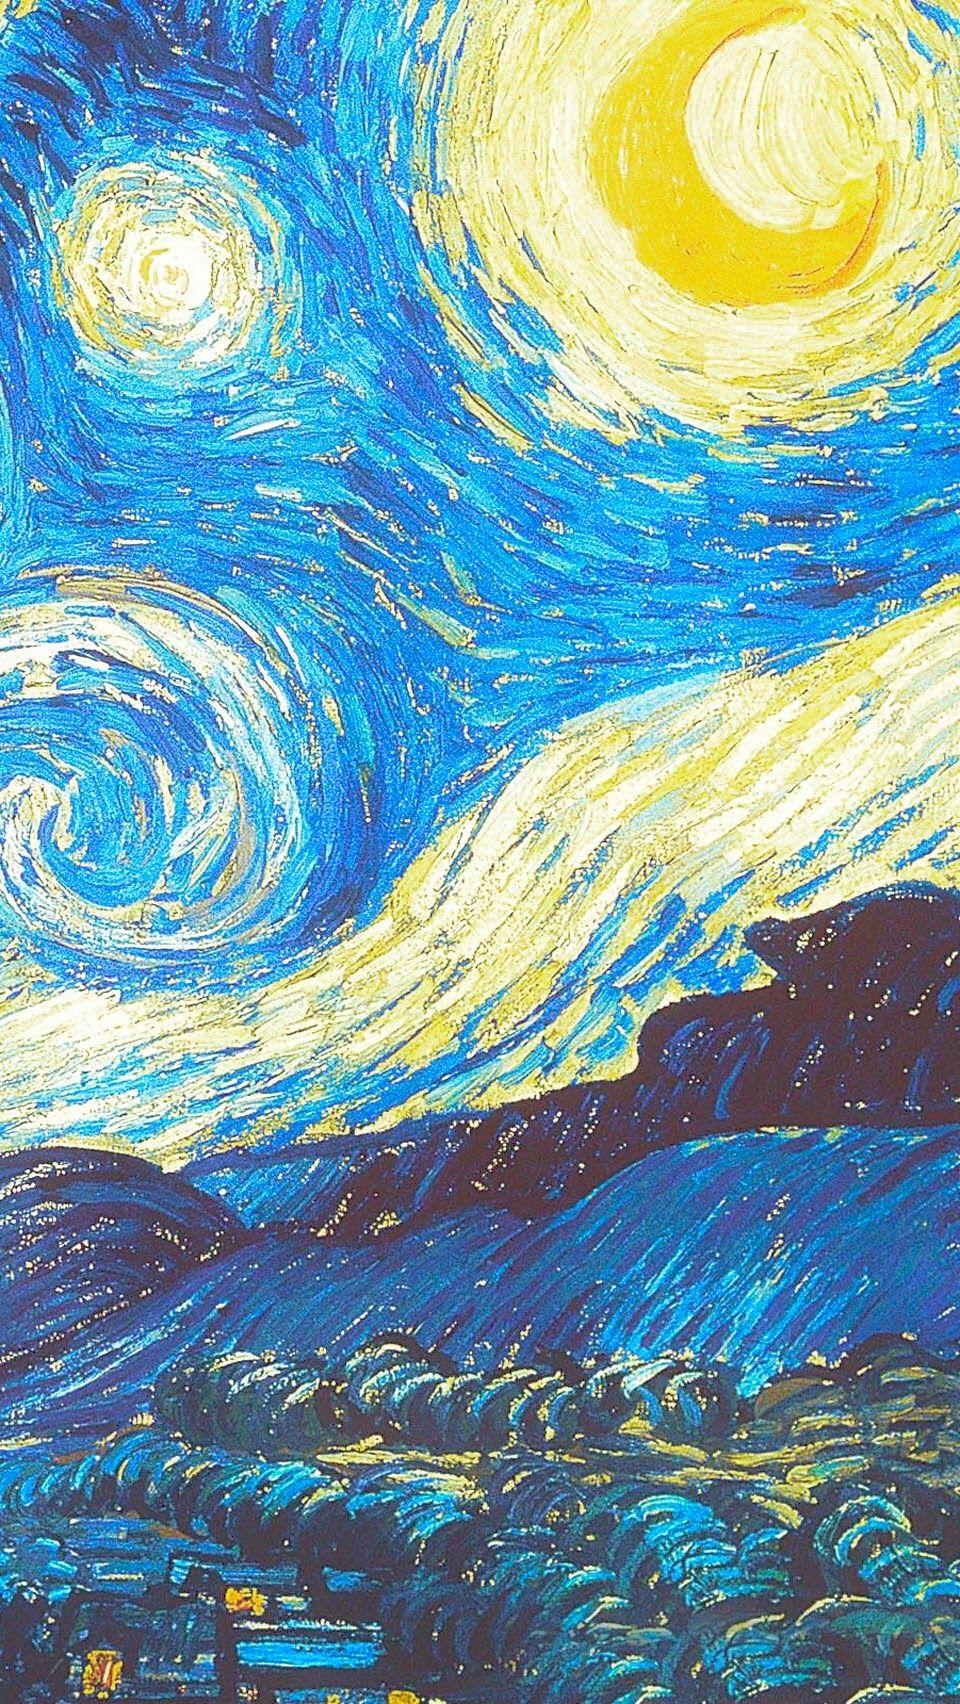 76ecc9021d2b5b592dea3e6ea0d7093f Starry Night Van Gogh Van Gogh